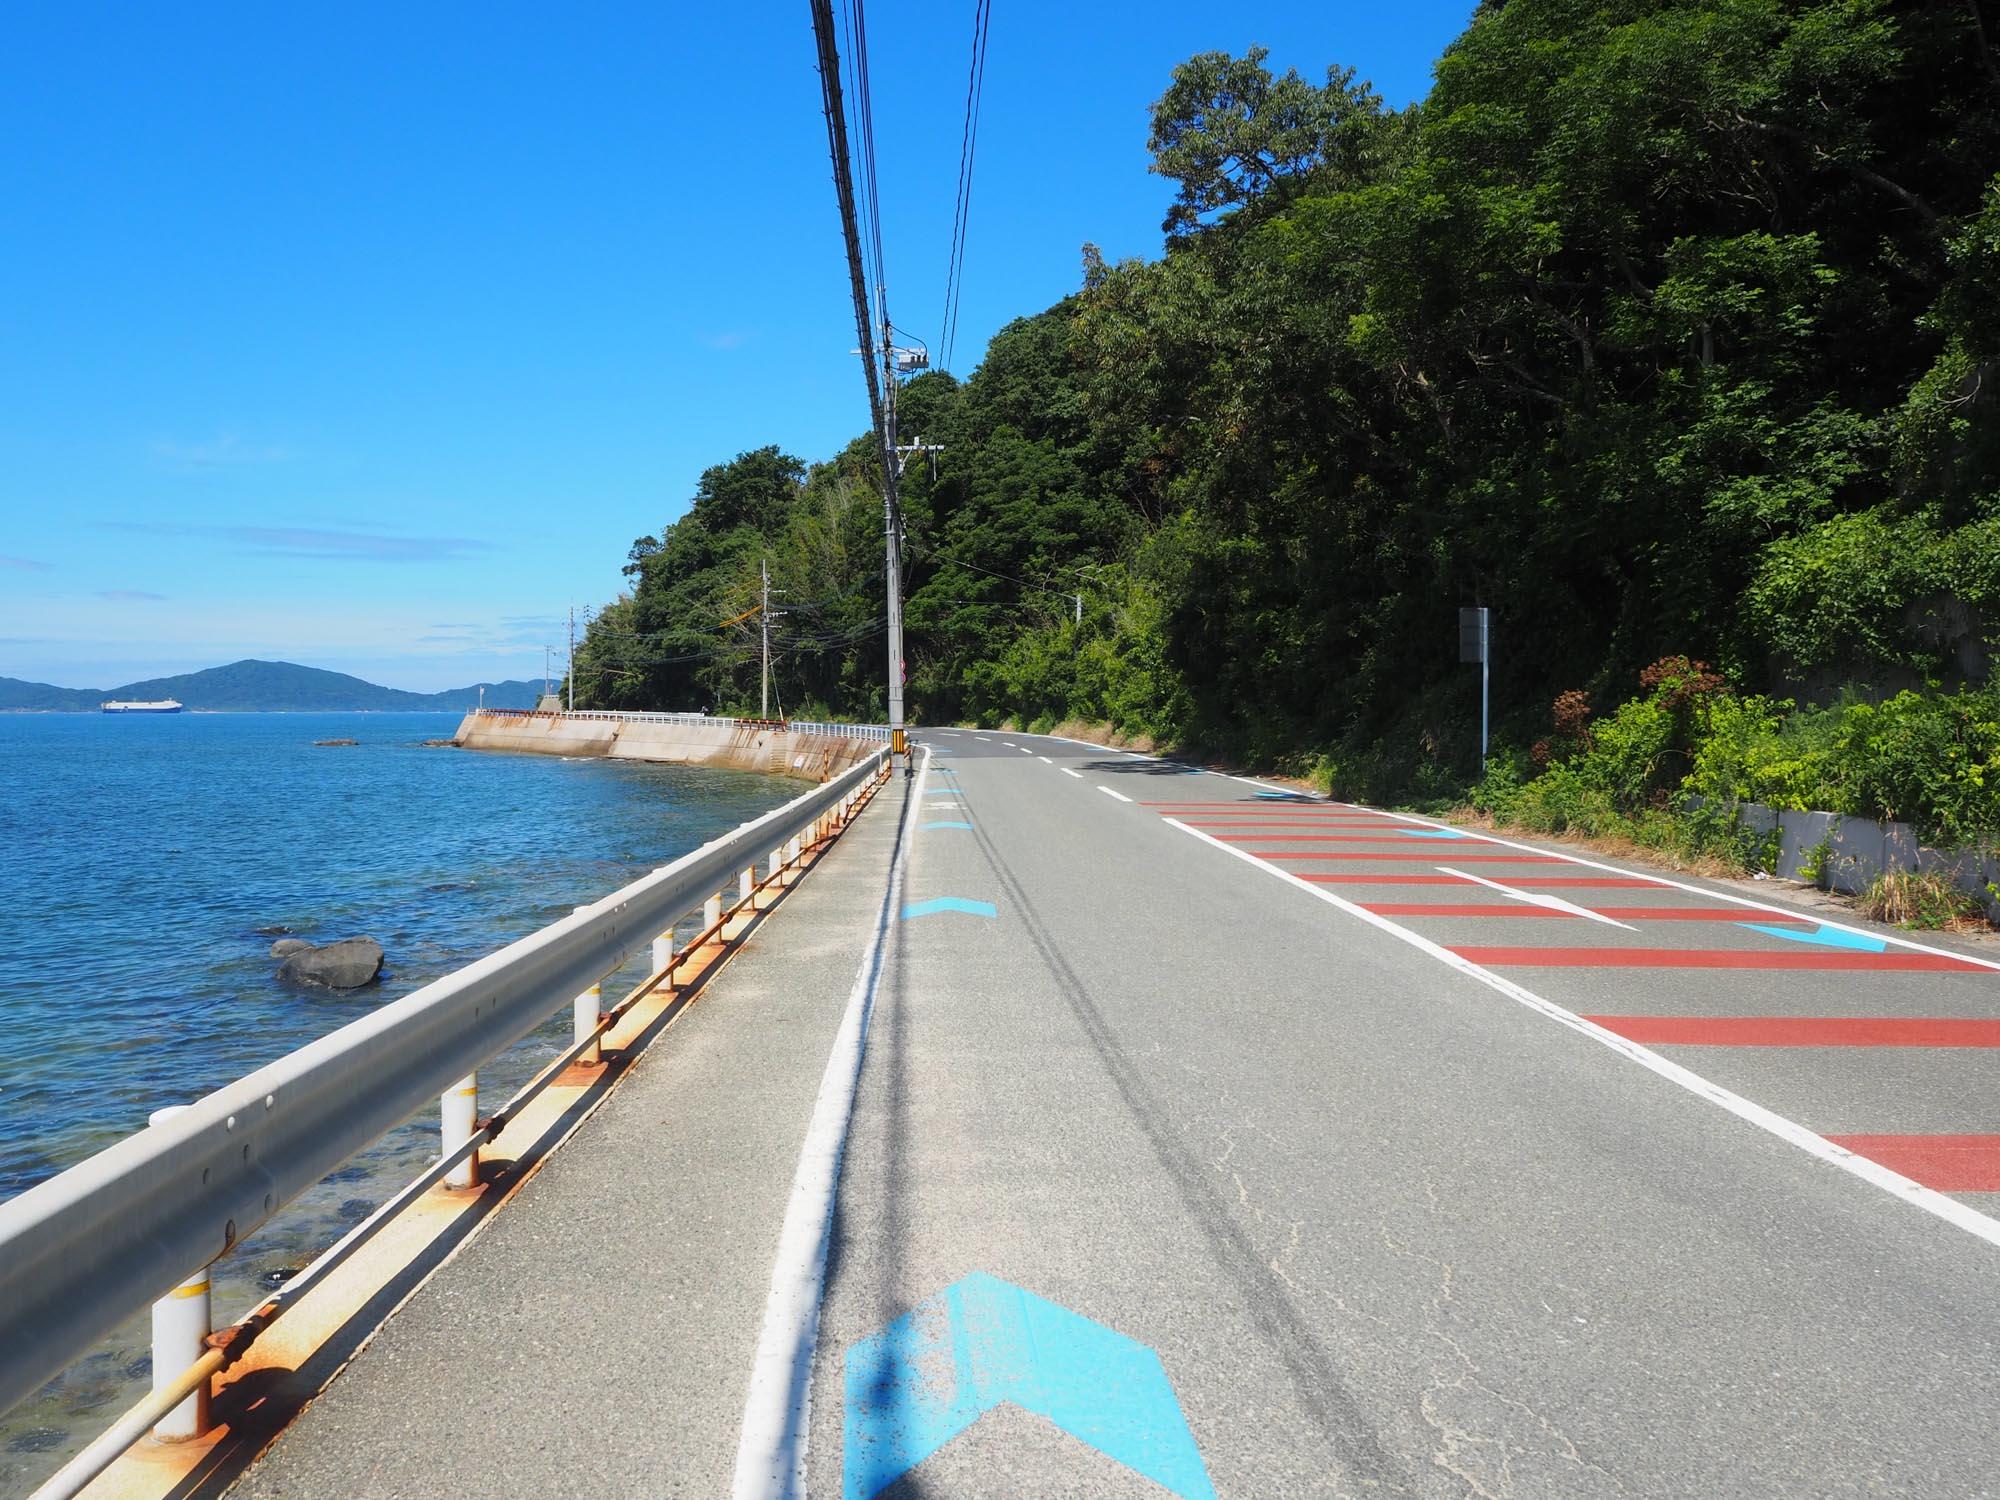 「金印街道」をぐるっと一周回ります。自転車用の「矢羽根」が敷かれているので走りやすいですね。